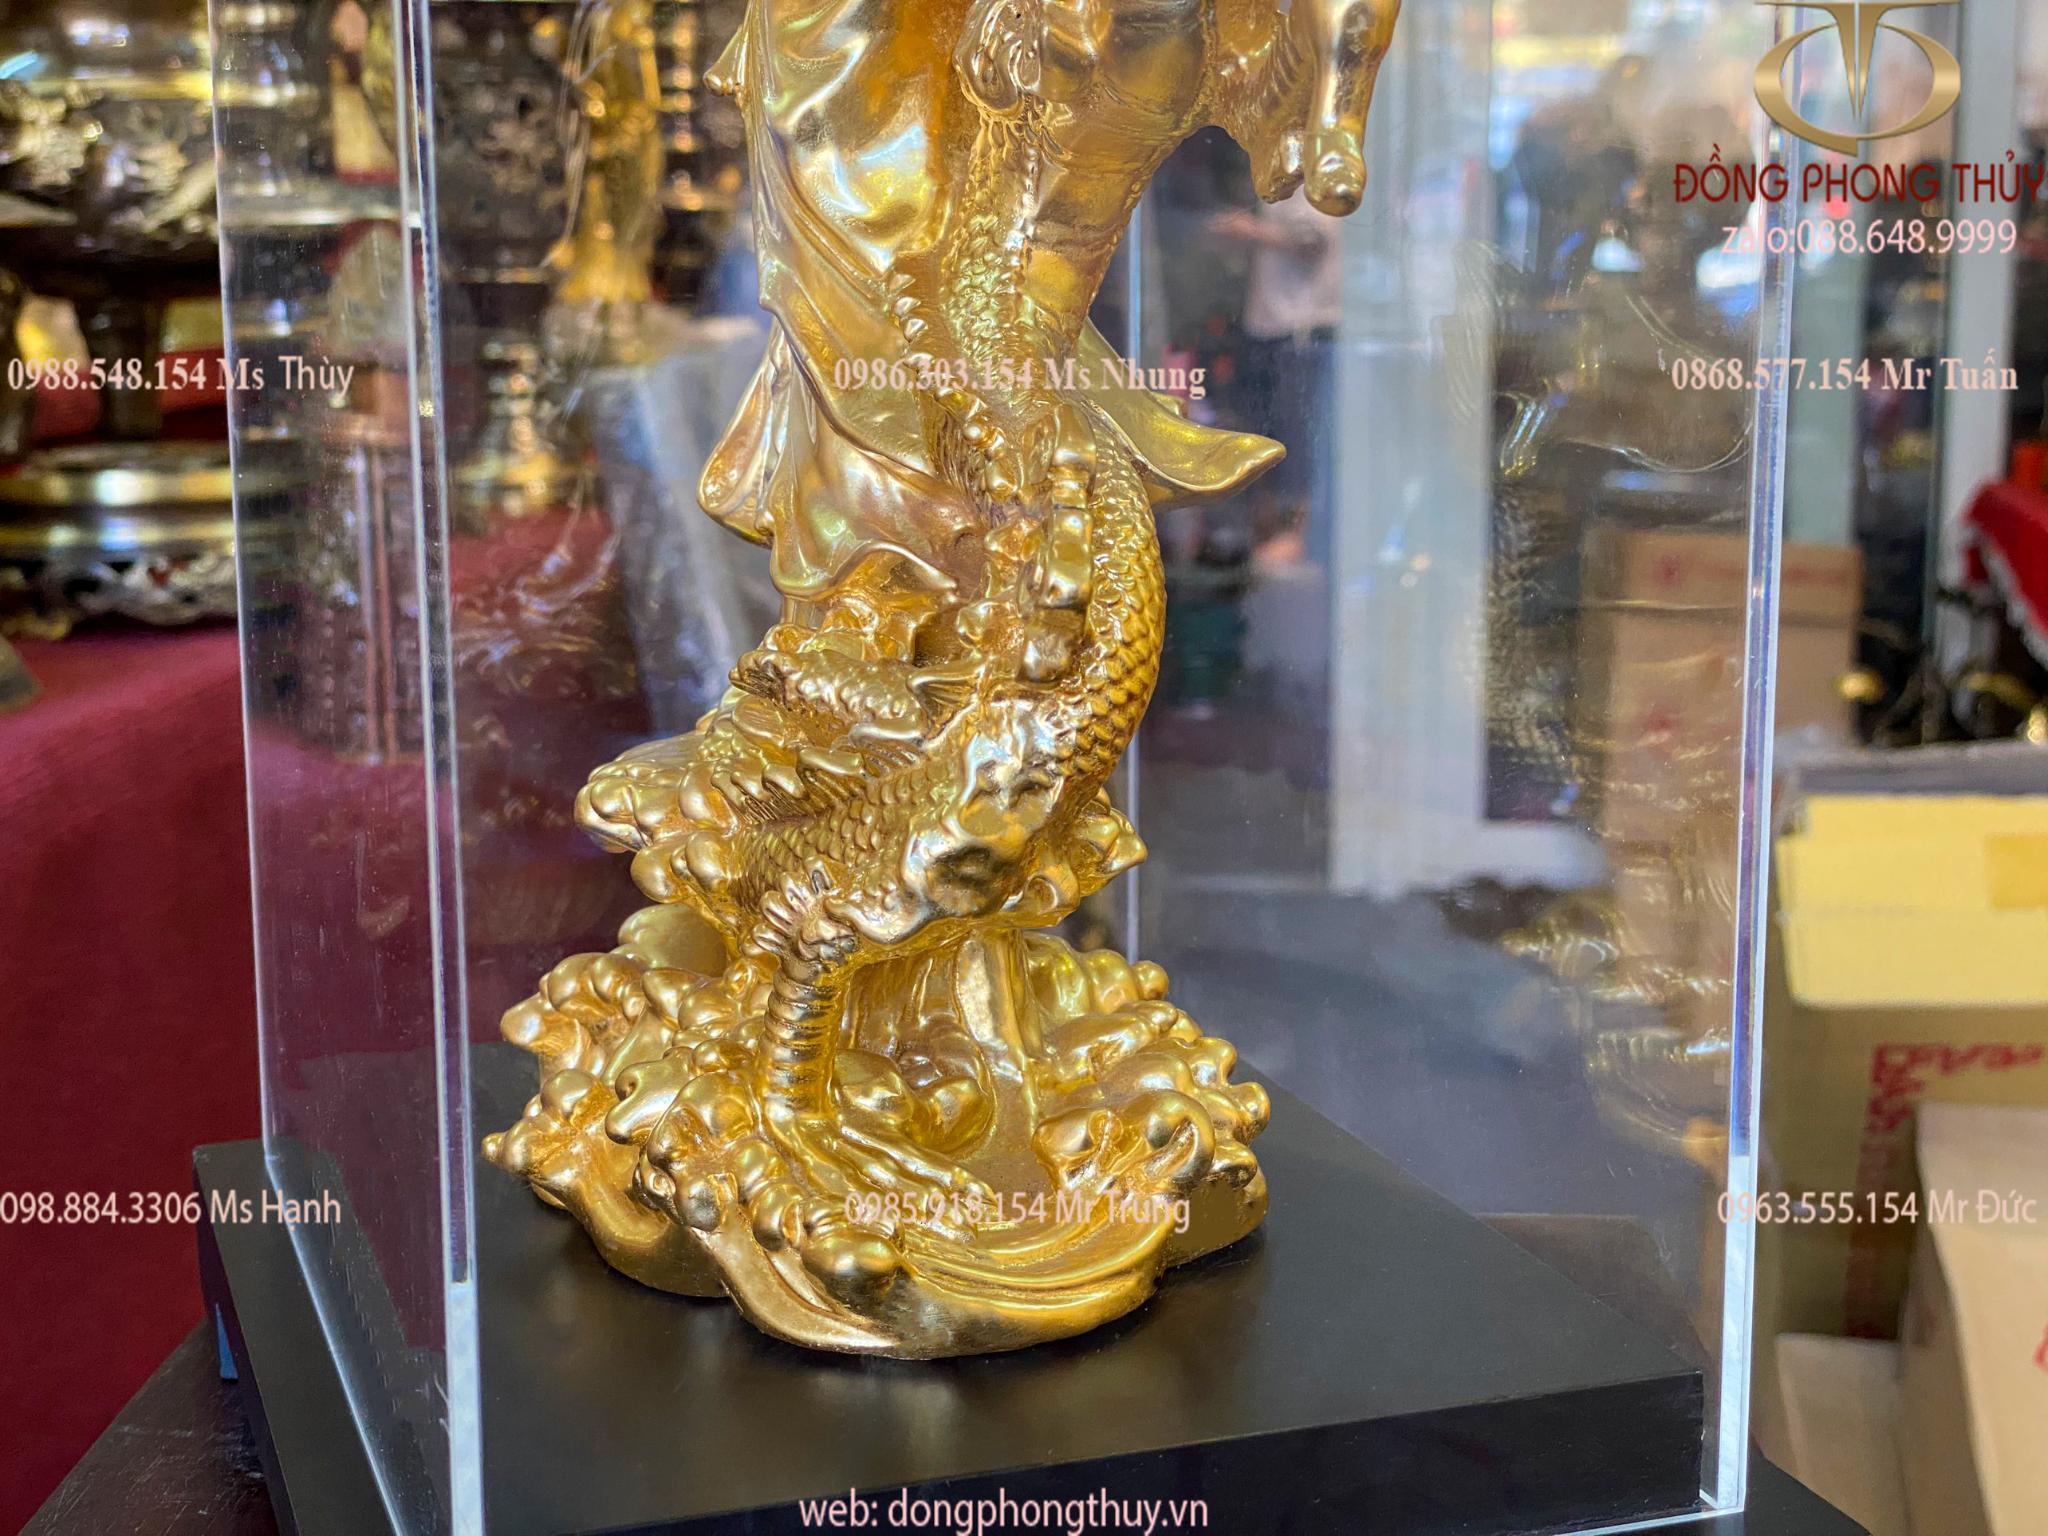 Tượng quan âm cưỡi rồng bằng đồng thếp vàng 24k cao 26,5